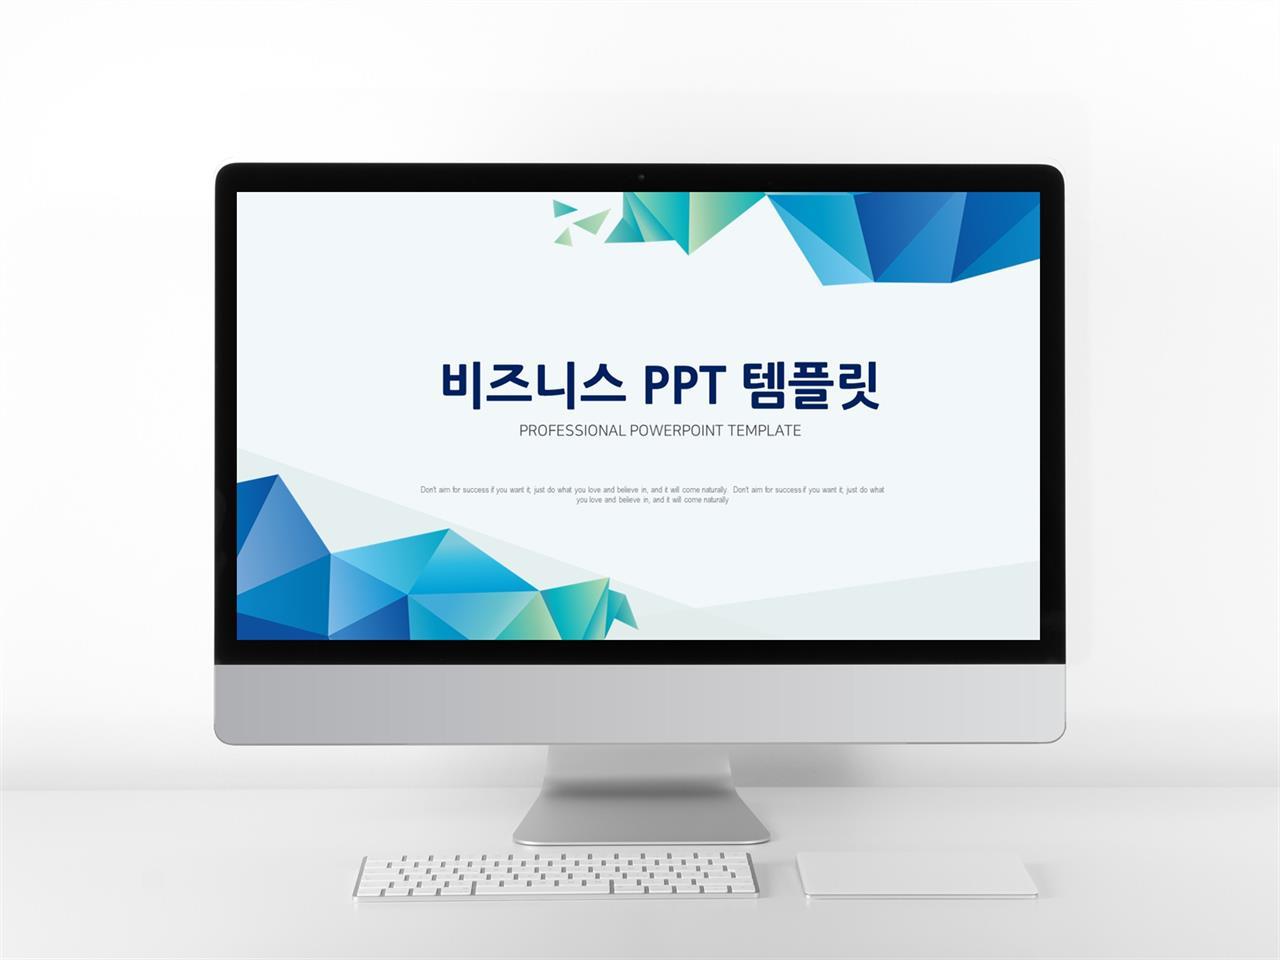 상업계획 그린색 깔끔한 고급스럽운 POWERPOINT템플릿 사이트 미리보기